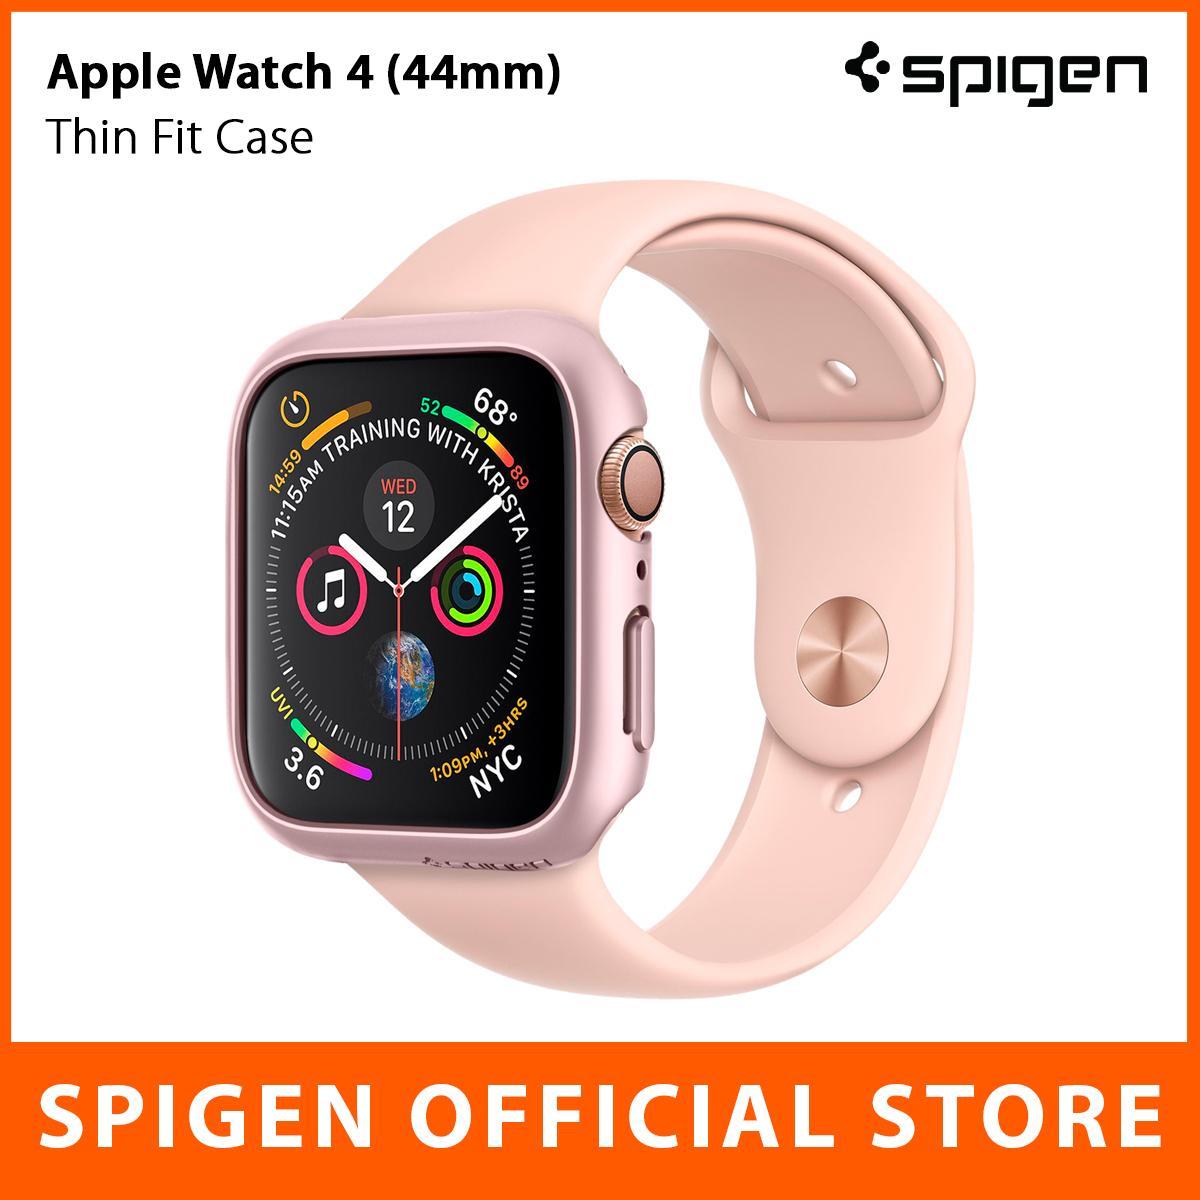 Spigen Apple Watch Series 4 Case Thin Fit (44mm) With Scratch Defense & Slim Design By Spigen Singapore Flagship Store.